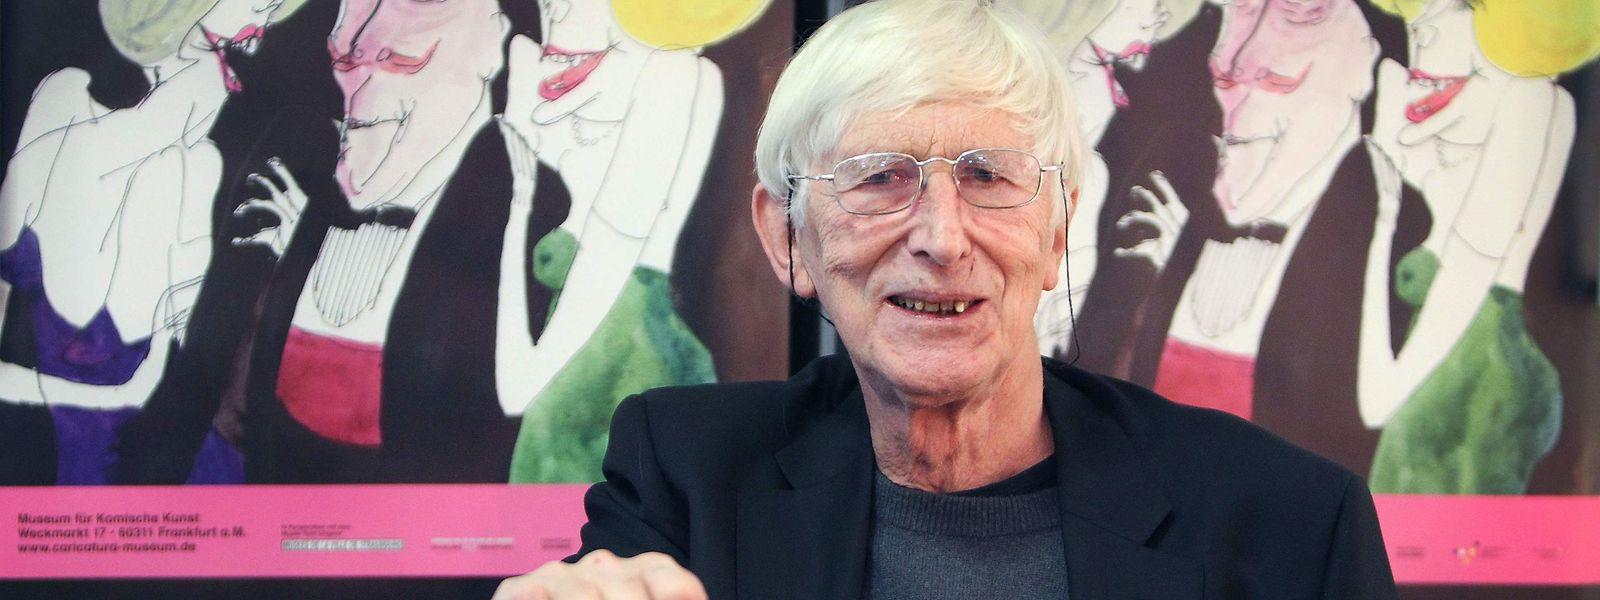 Tomi Ungerer ist in Irland im Alter von 87 Jahren gestorben.